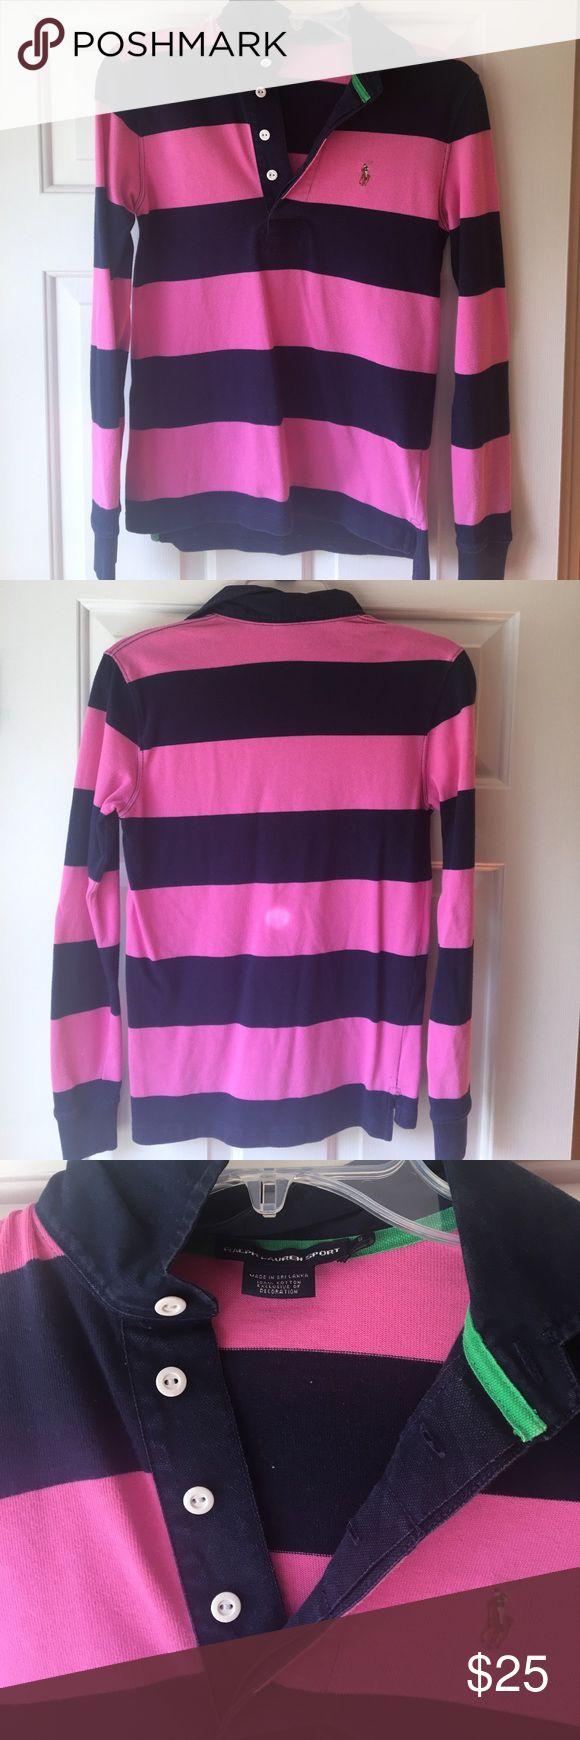 Ralph Lauren Women's Rugby Shirt Small Ralph Lauren womens rugby shirt size small. It has been worn a few times, but is in great condition! Ralph Lauren Tops